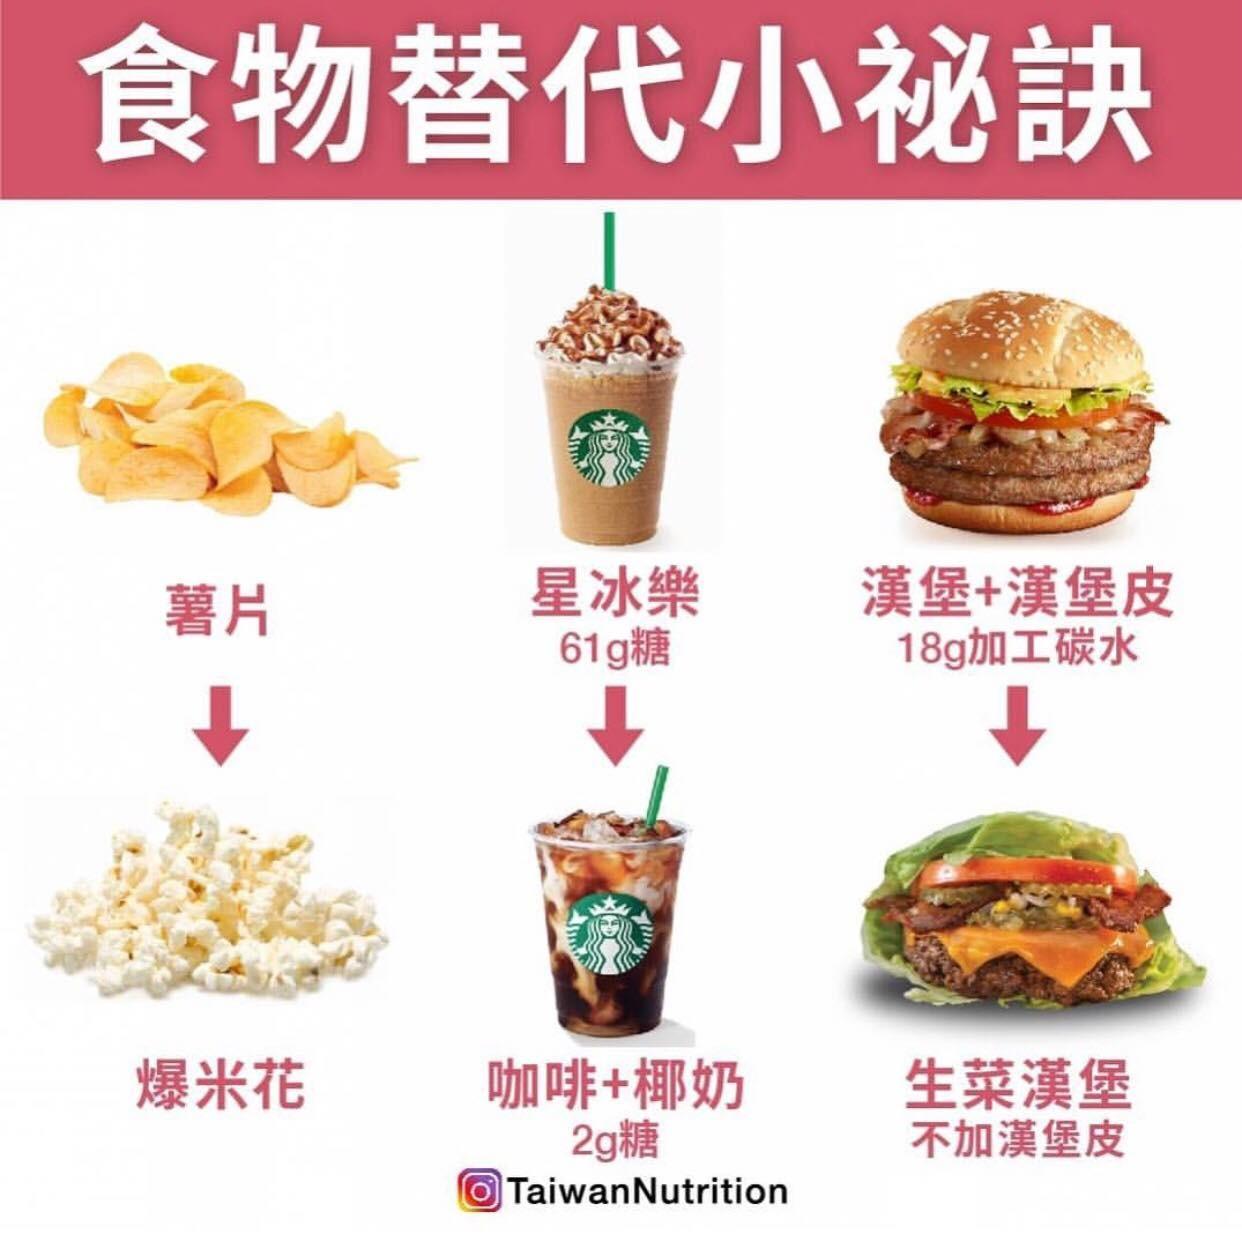 ▲▼ 食物替代小秘訣。(圖/《Taiwan Nutrition台灣營養》授權提供)